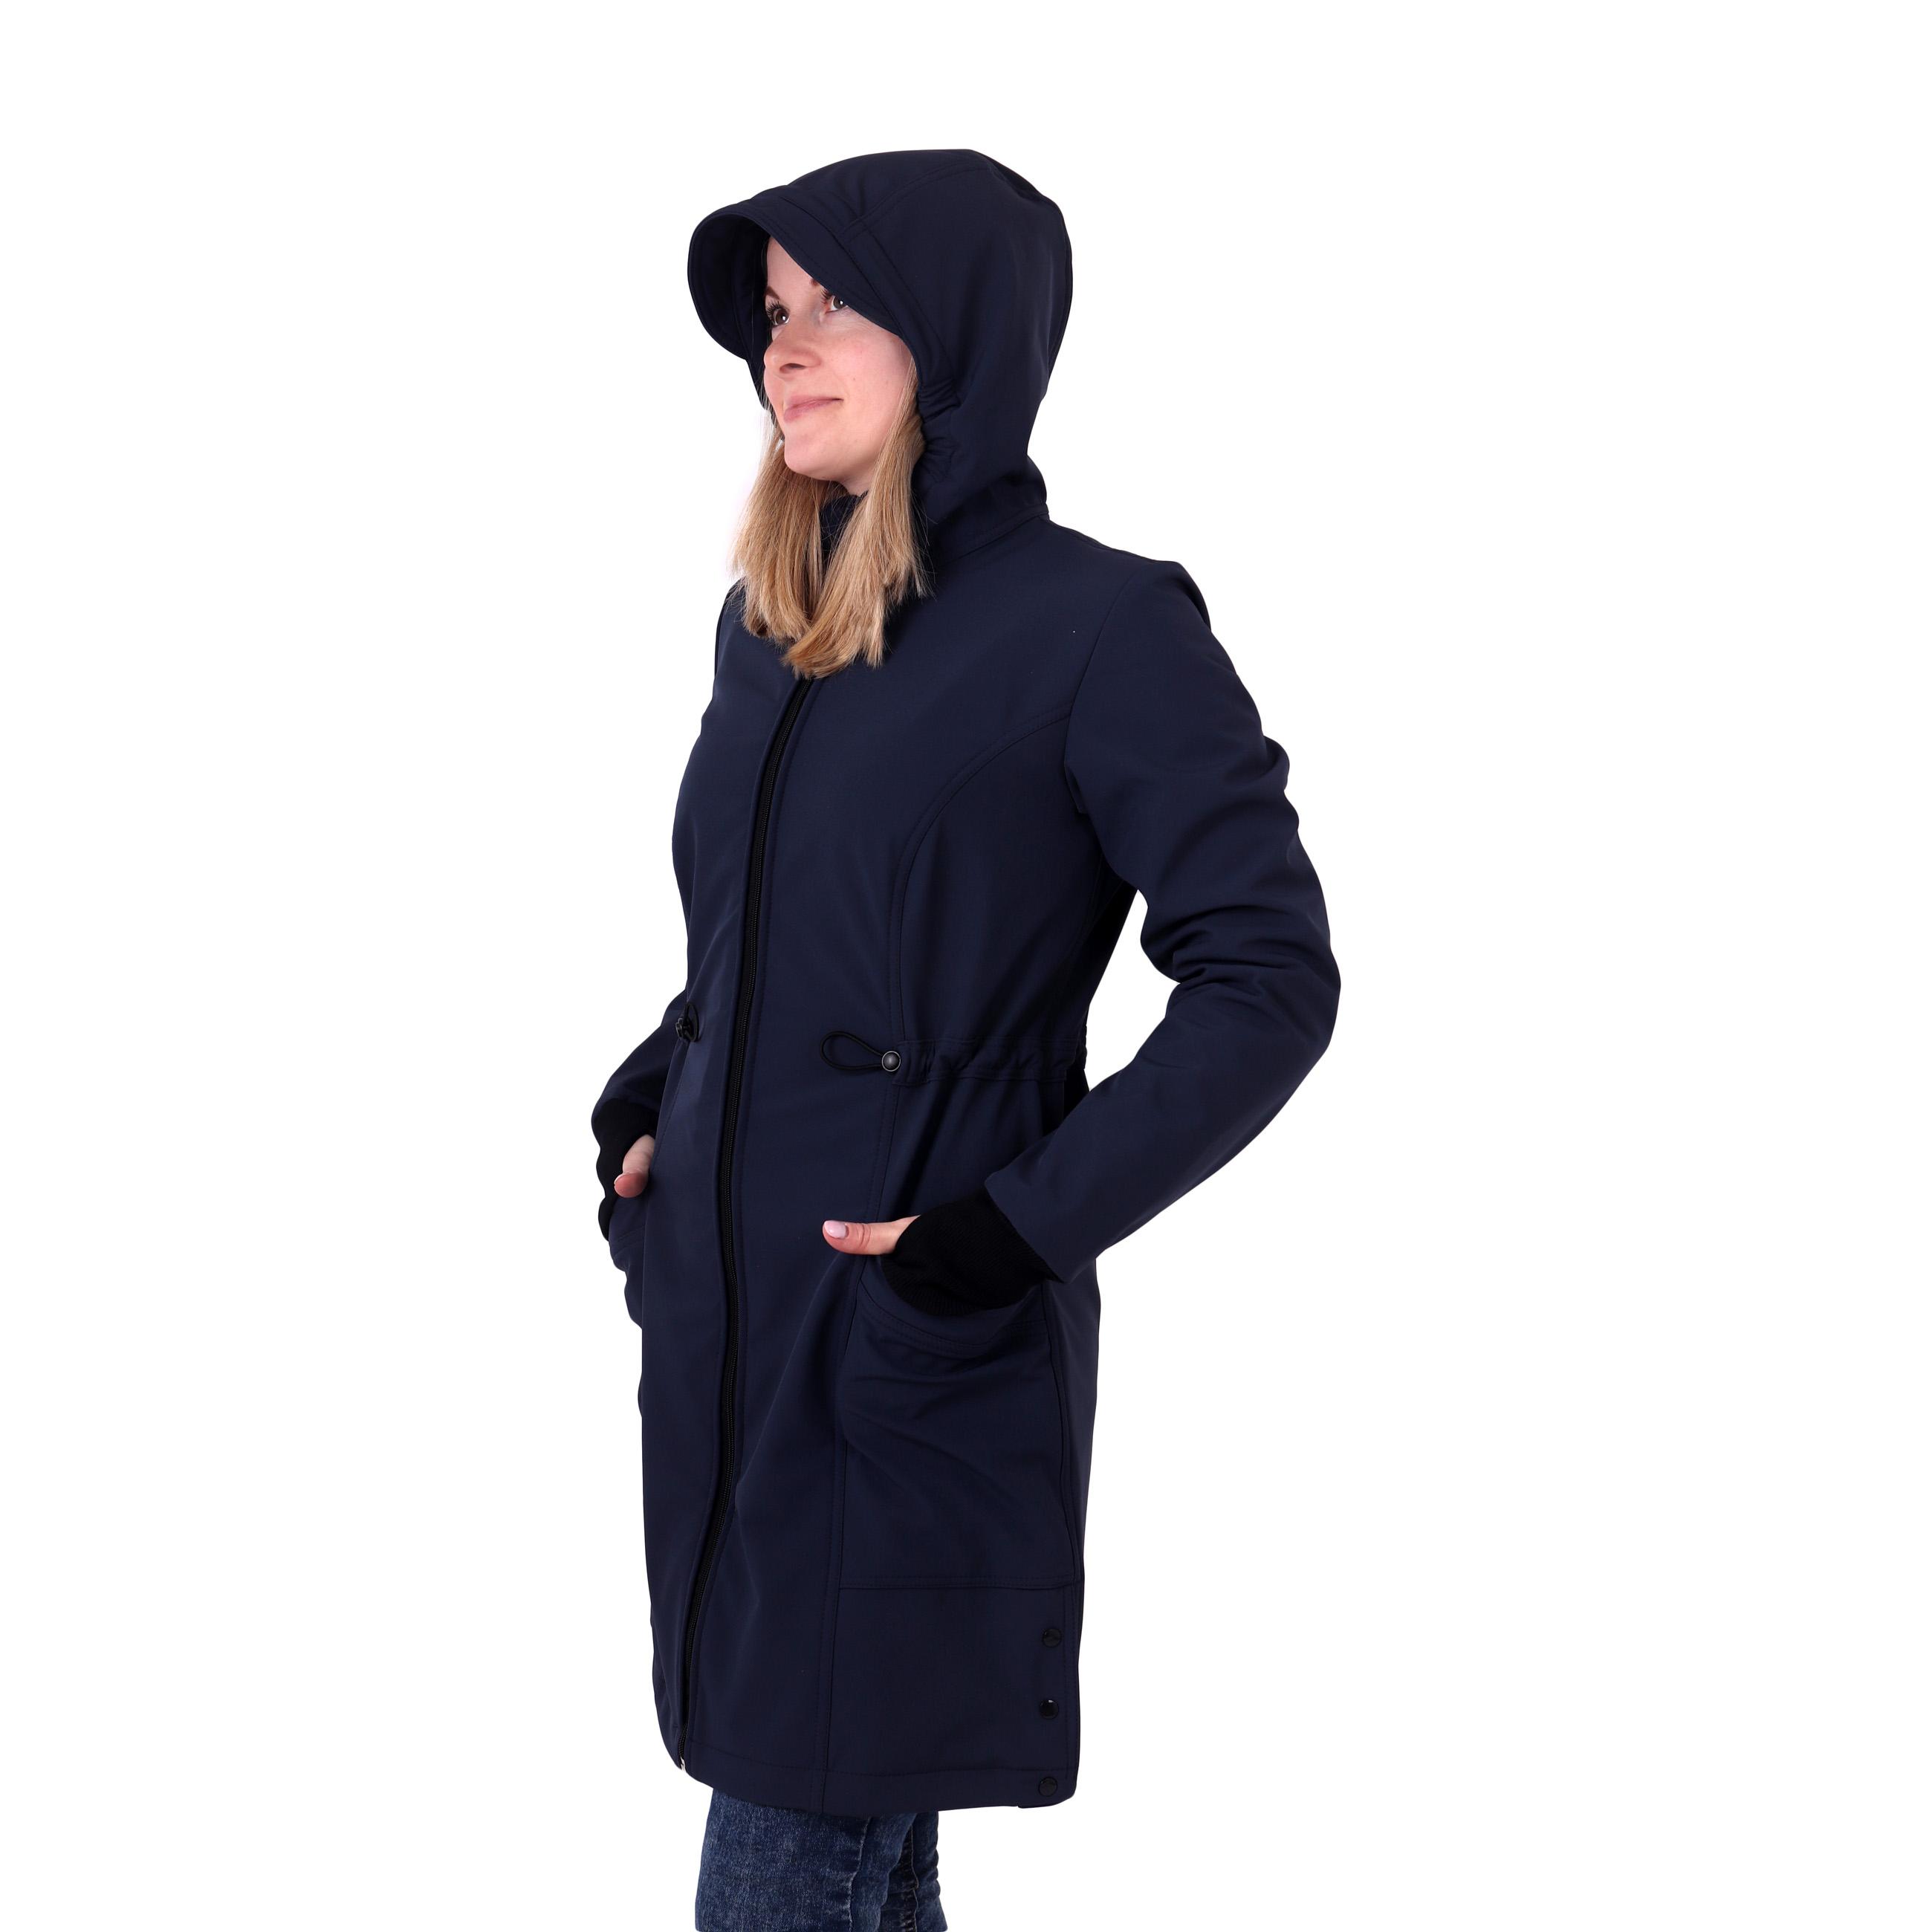 Dámský softshellový kabát hana, tmavě modrý, l